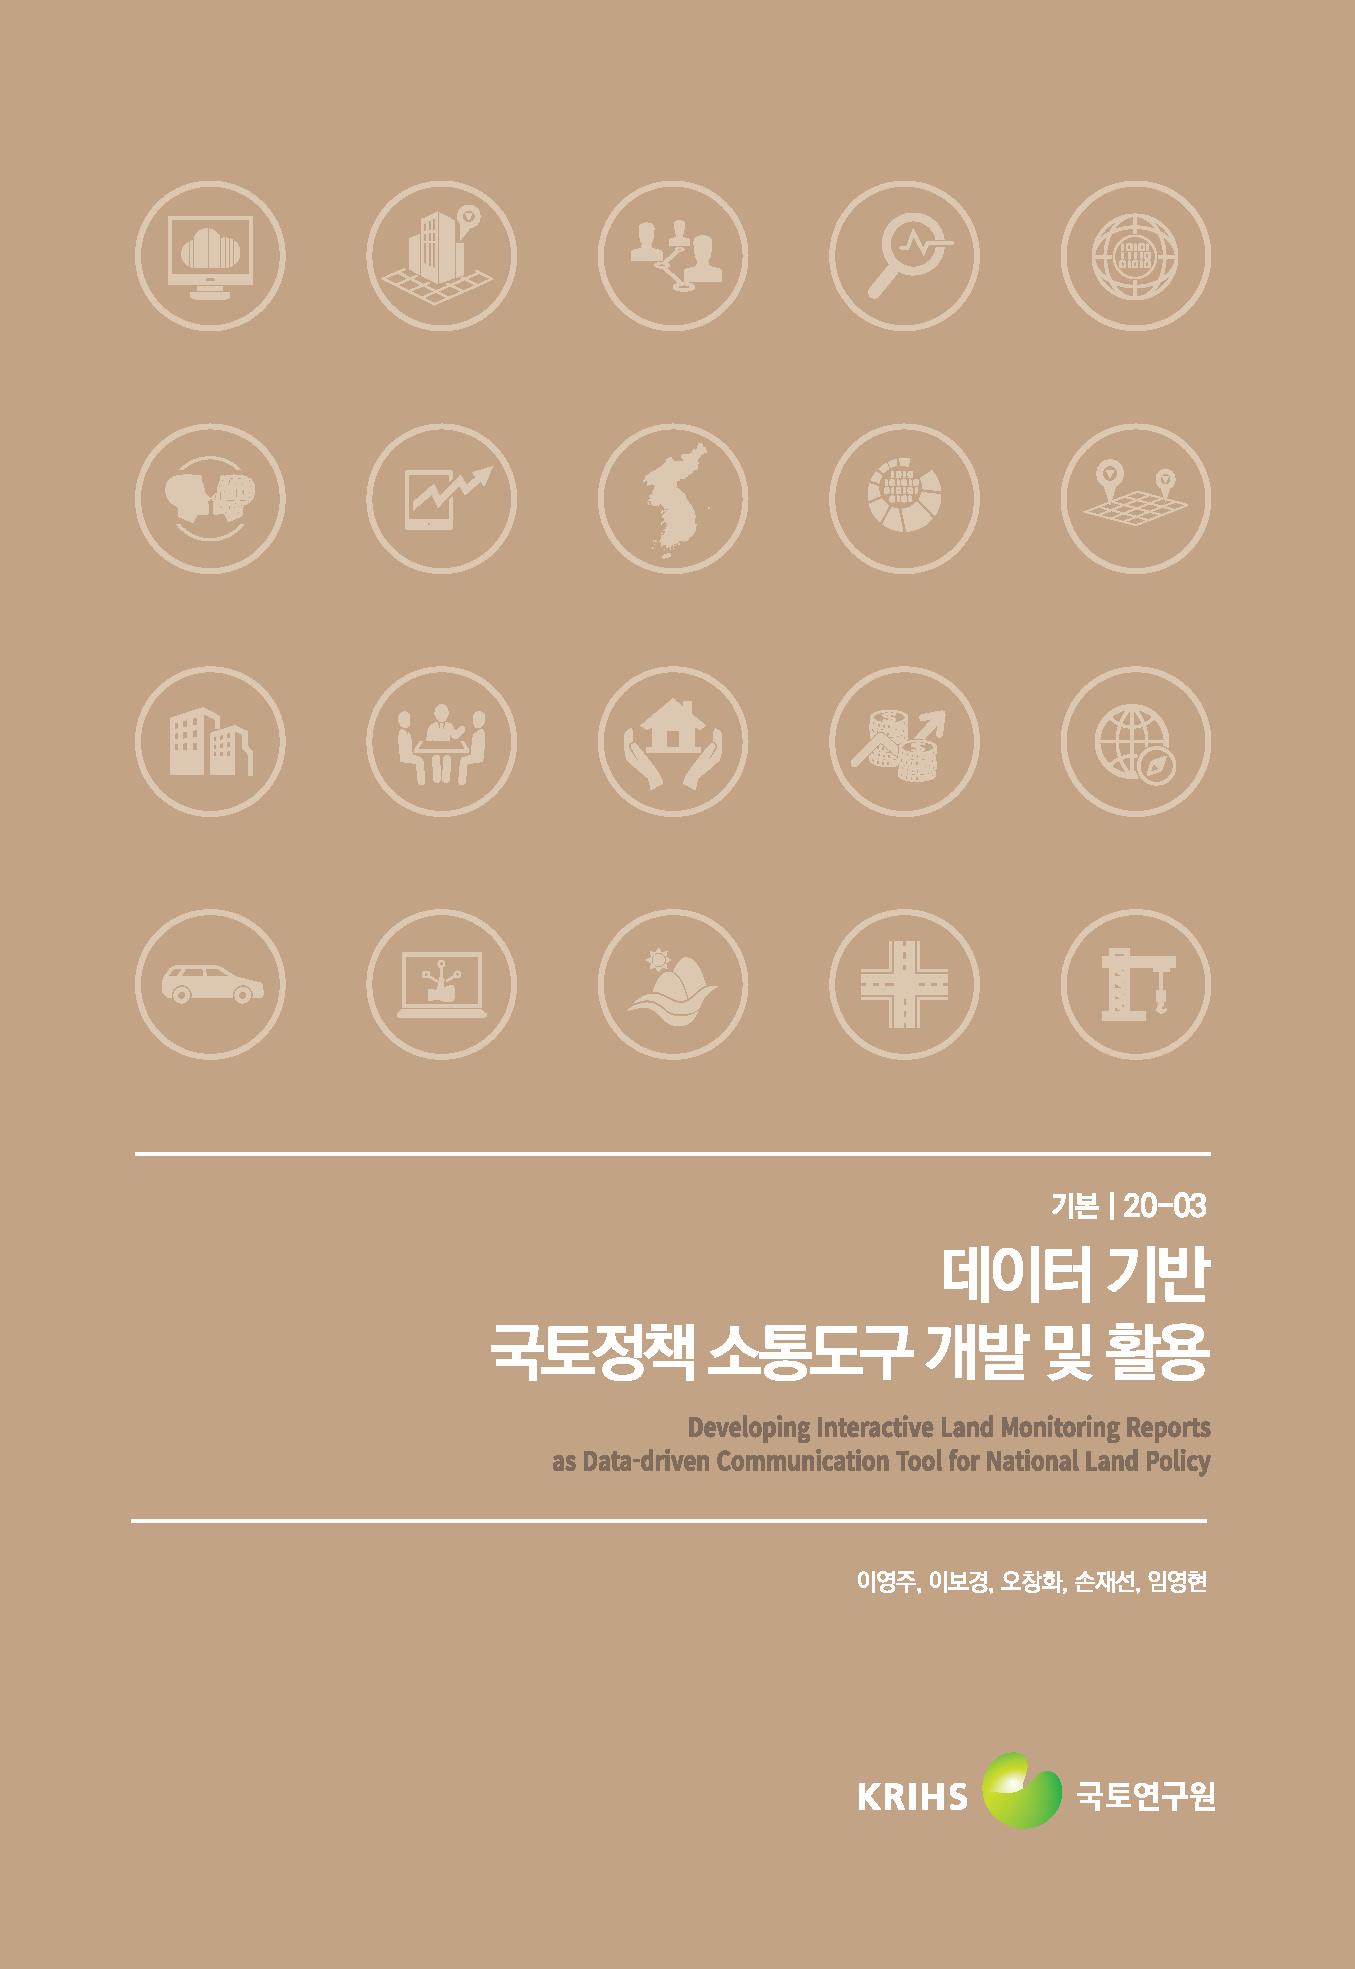 데이터 기반 국토정책 소통도구 개발 및 활용표지